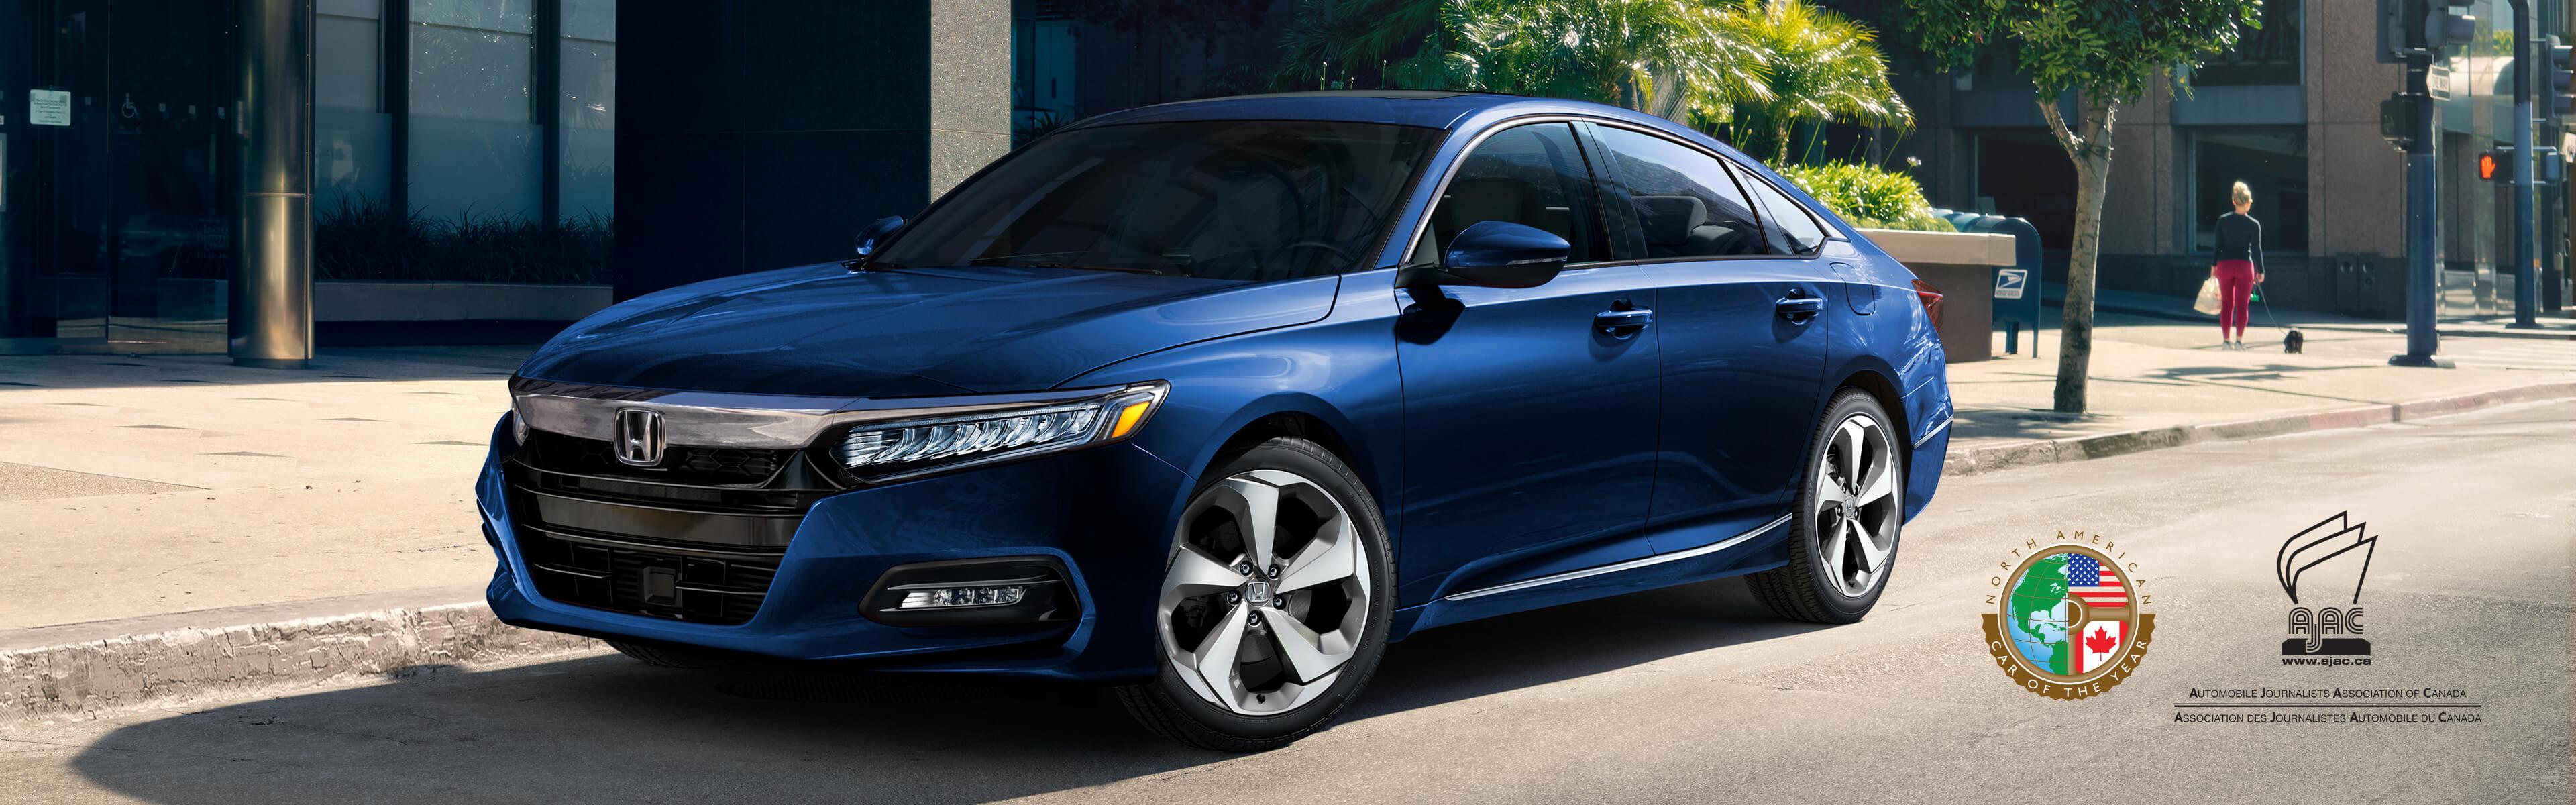 2018 Accord Sedan | Honda Canada